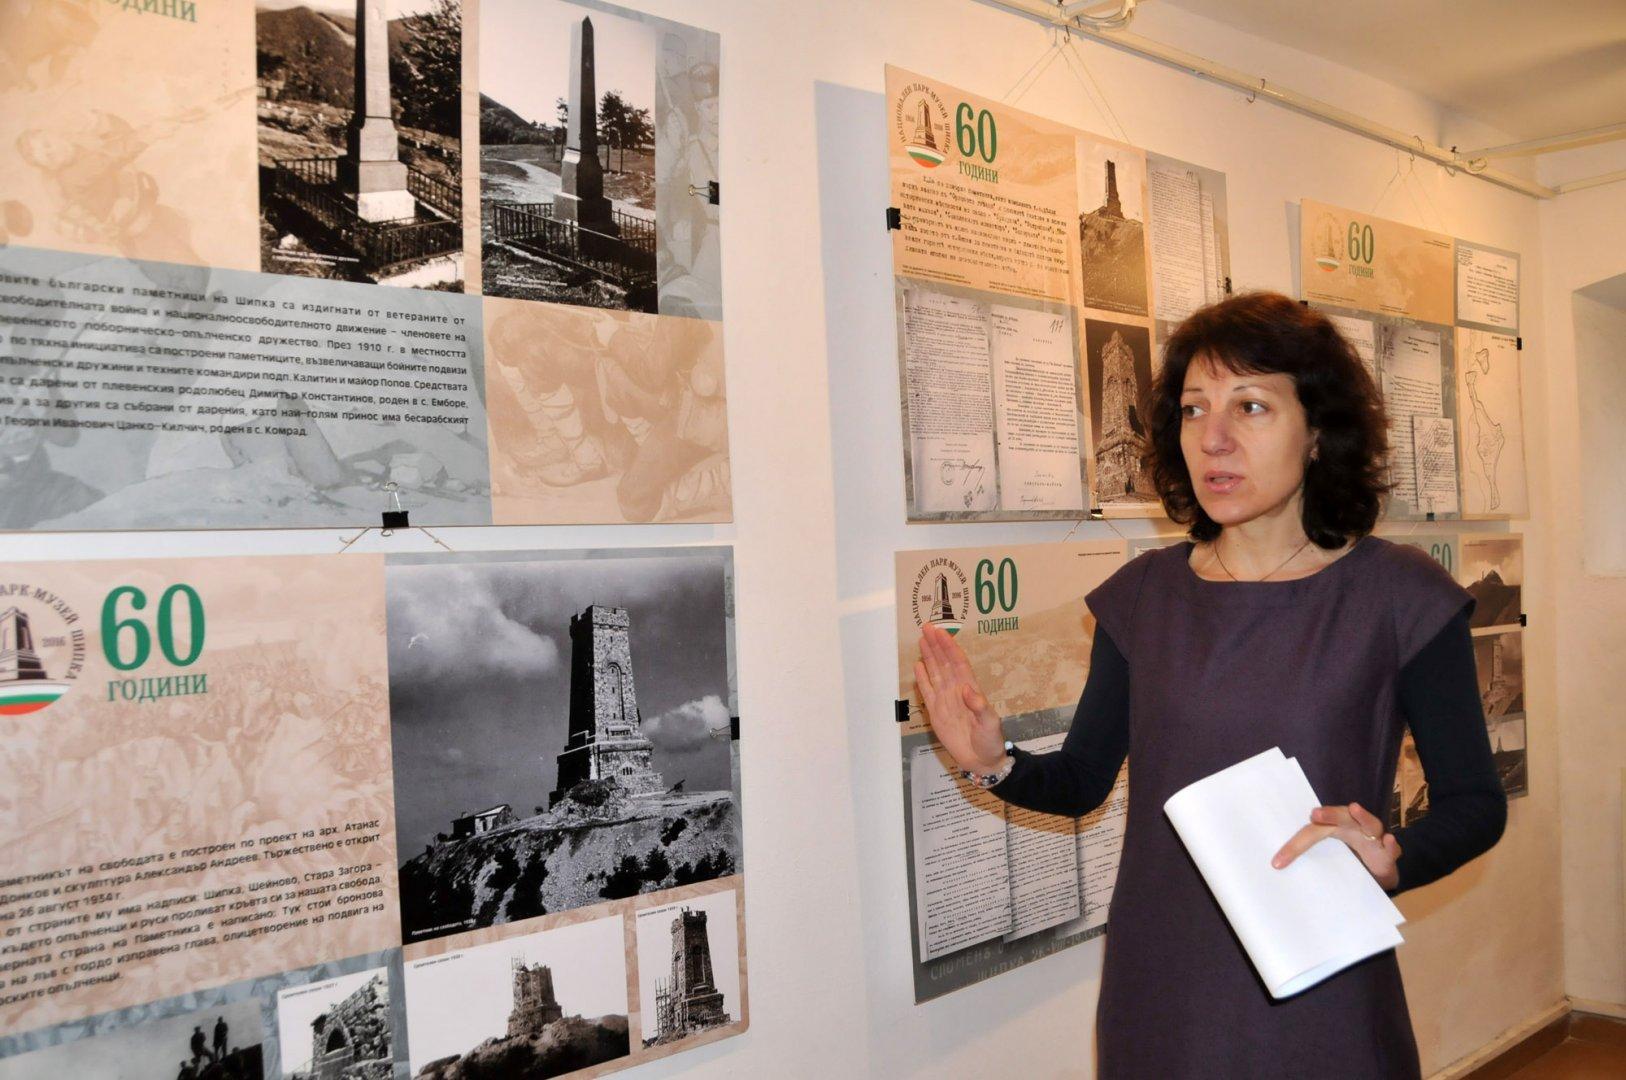 Изложбата ще гостува при нас до септември, каза Иванка Делева. Снимка архив Черноморие-бг